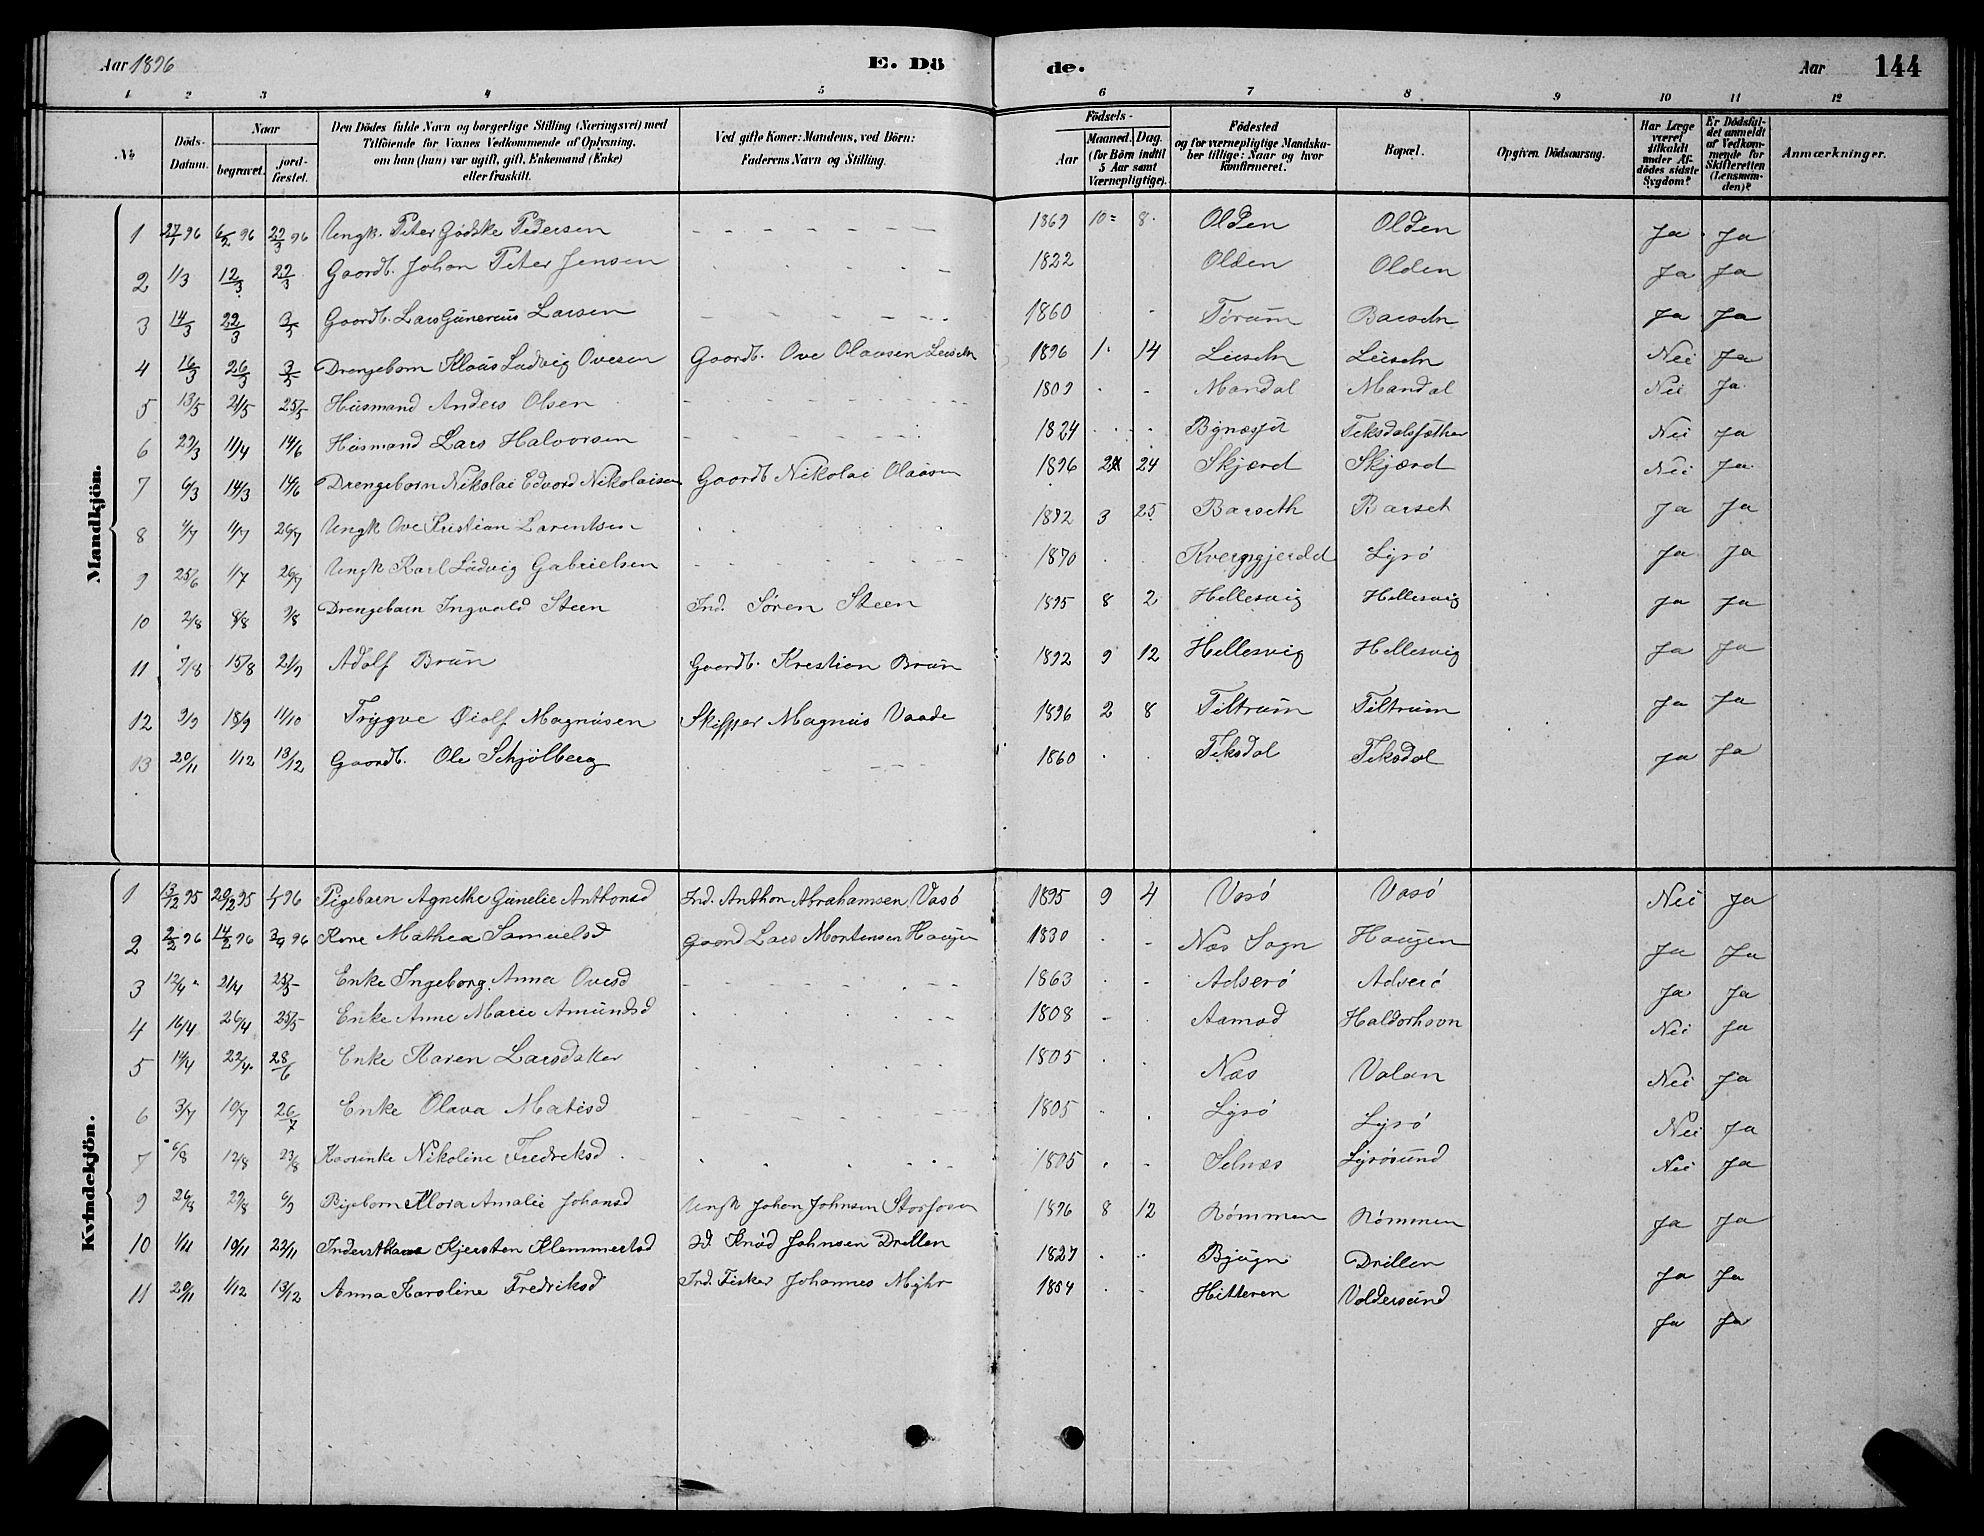 SAT, Ministerialprotokoller, klokkerbøker og fødselsregistre - Sør-Trøndelag, 654/L0665: Klokkerbok nr. 654C01, 1879-1901, s. 144